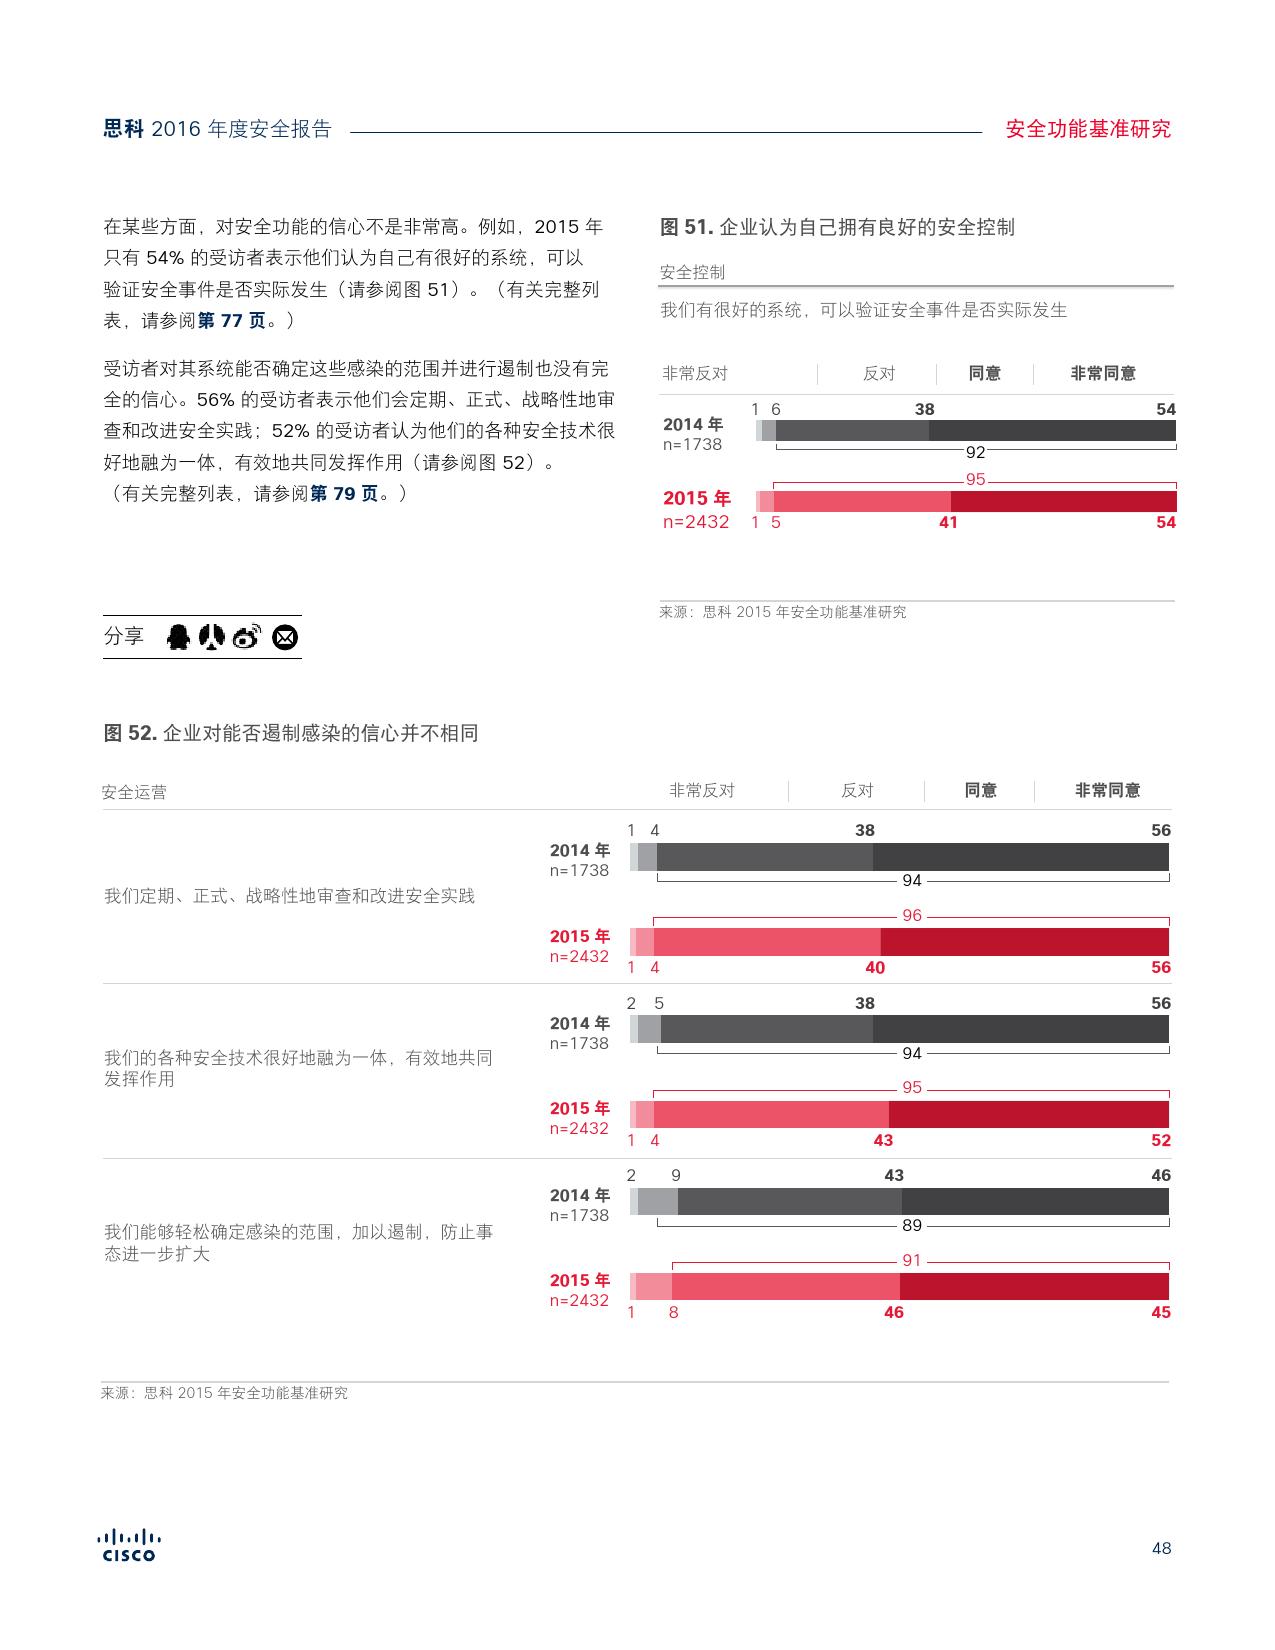 2016年中网络安全报告_000048